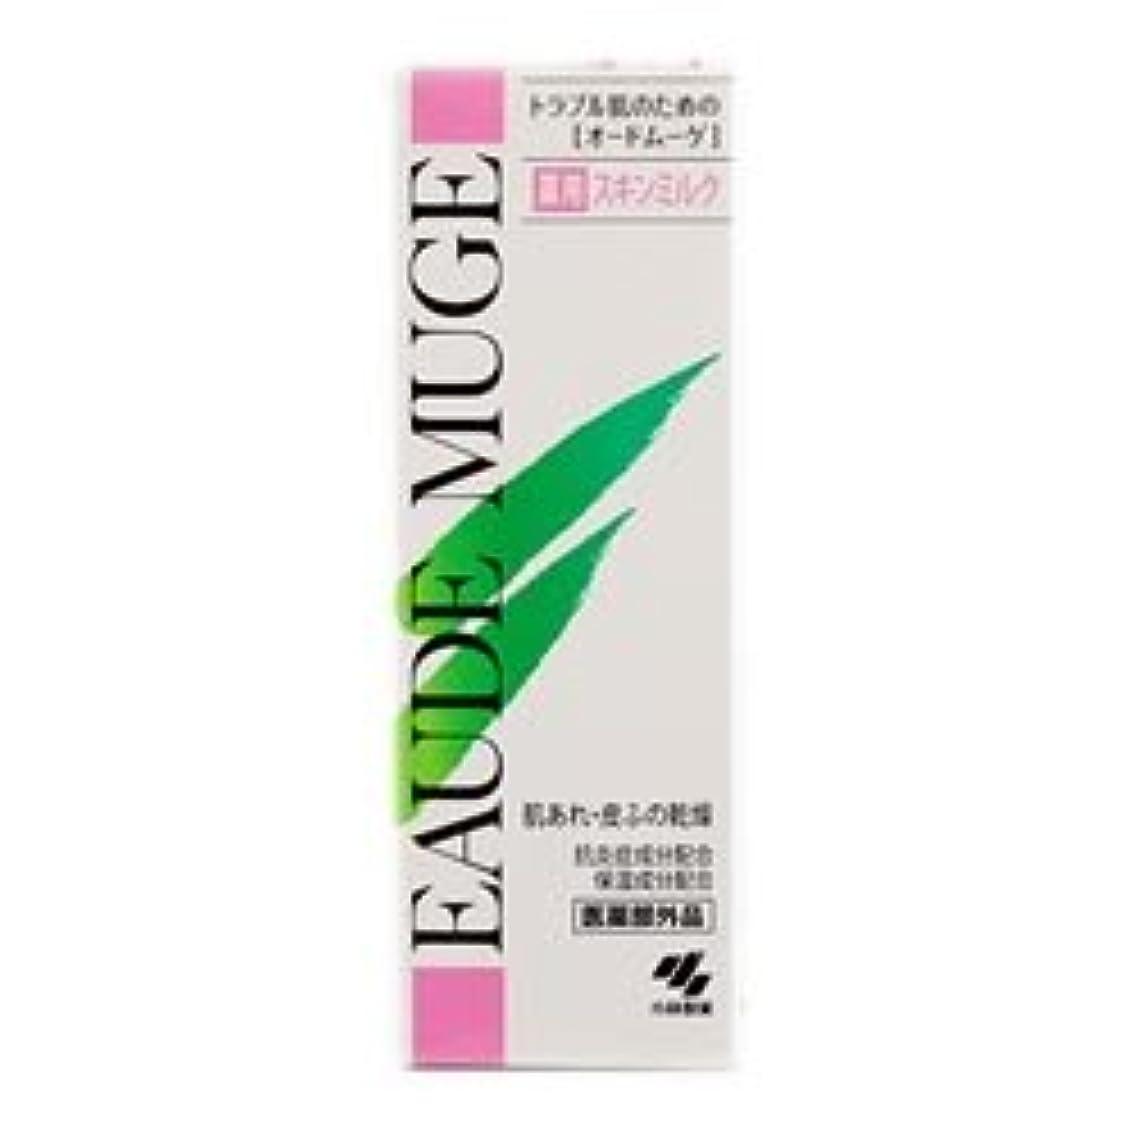 争い蒸し器冬【小林製薬】オードムーゲ薬用スキンミルク 100g ×3個セット